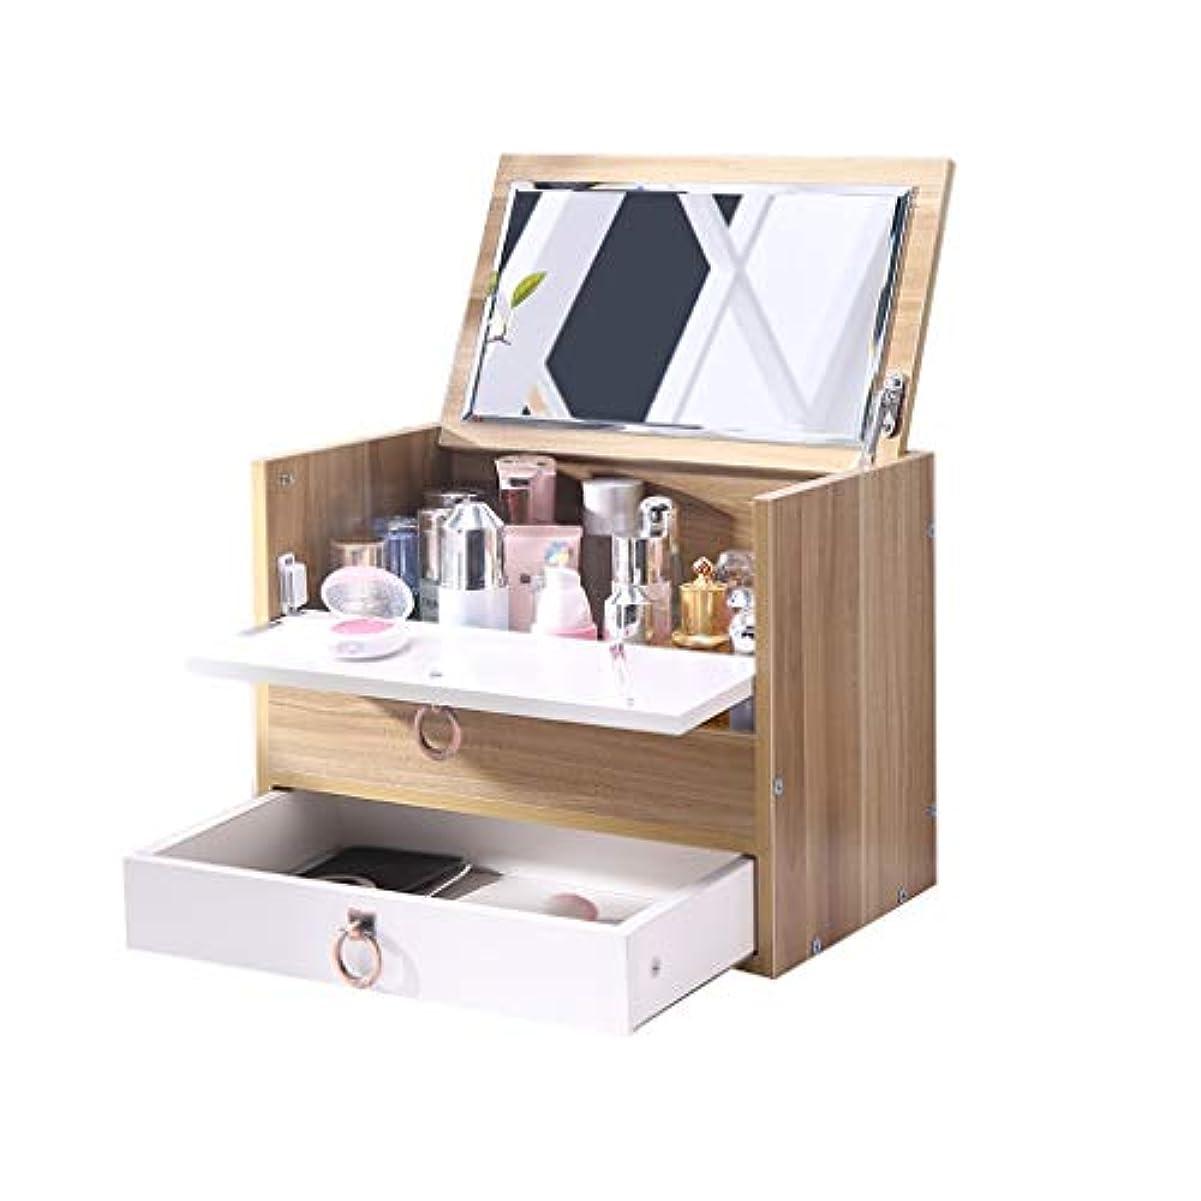 規範帰るラジエーターミラーの引出しフレームの櫛のテーブルの化粧箱が付いている木の化粧品の収納箱の卓上